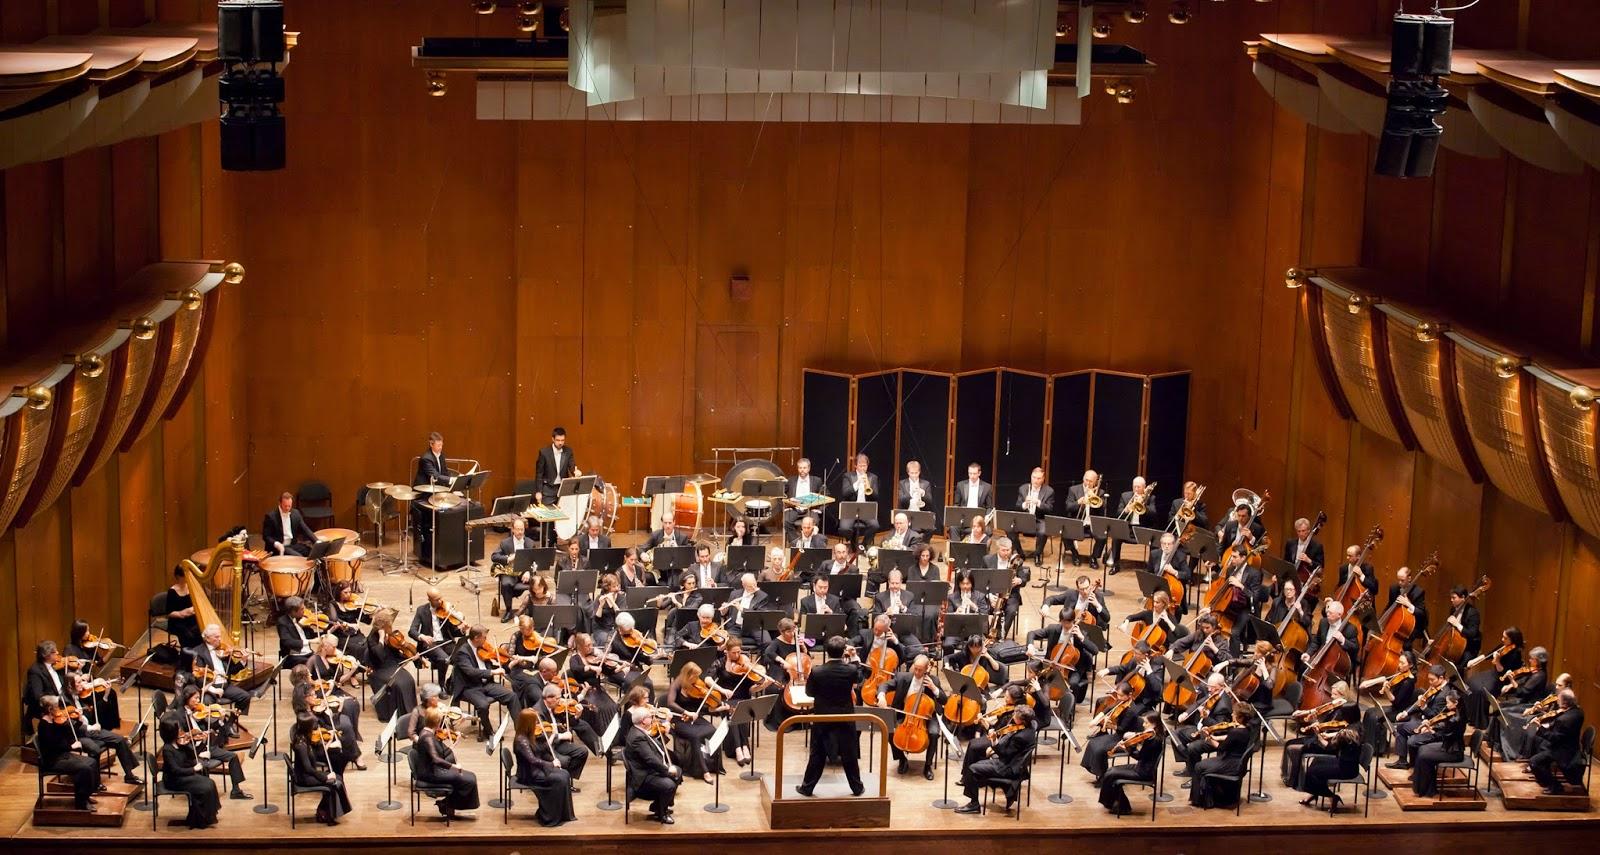 La Orquesta Filarmónica de Nueva York